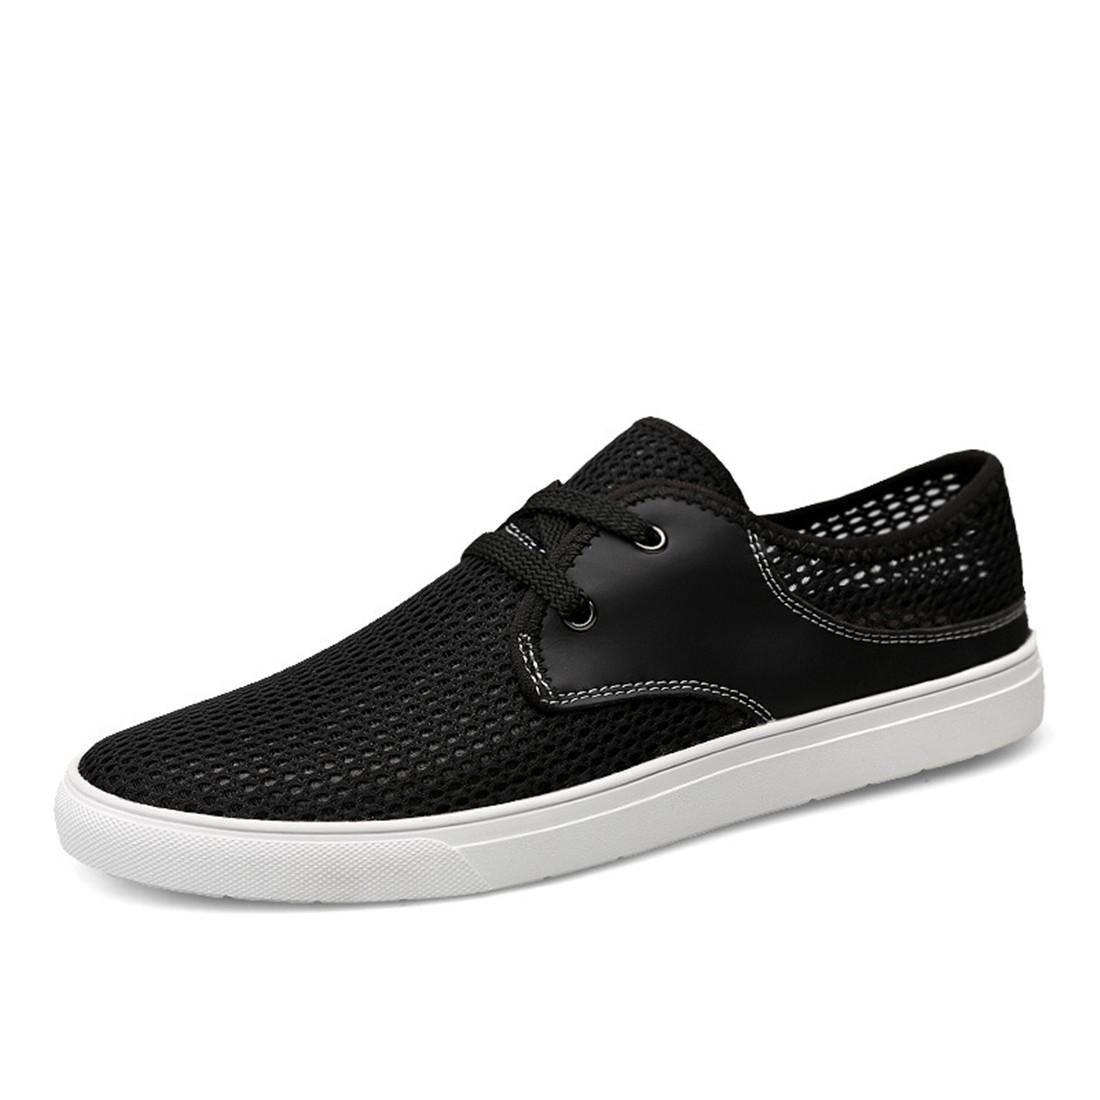 Herren Das neue Atmungsaktiv Segeltuchschuhe Lässige Schuhe Mode Flache Schuhe Freizeitschuhe Sportschuhe Draussen EUR GRÖSSE 37-47